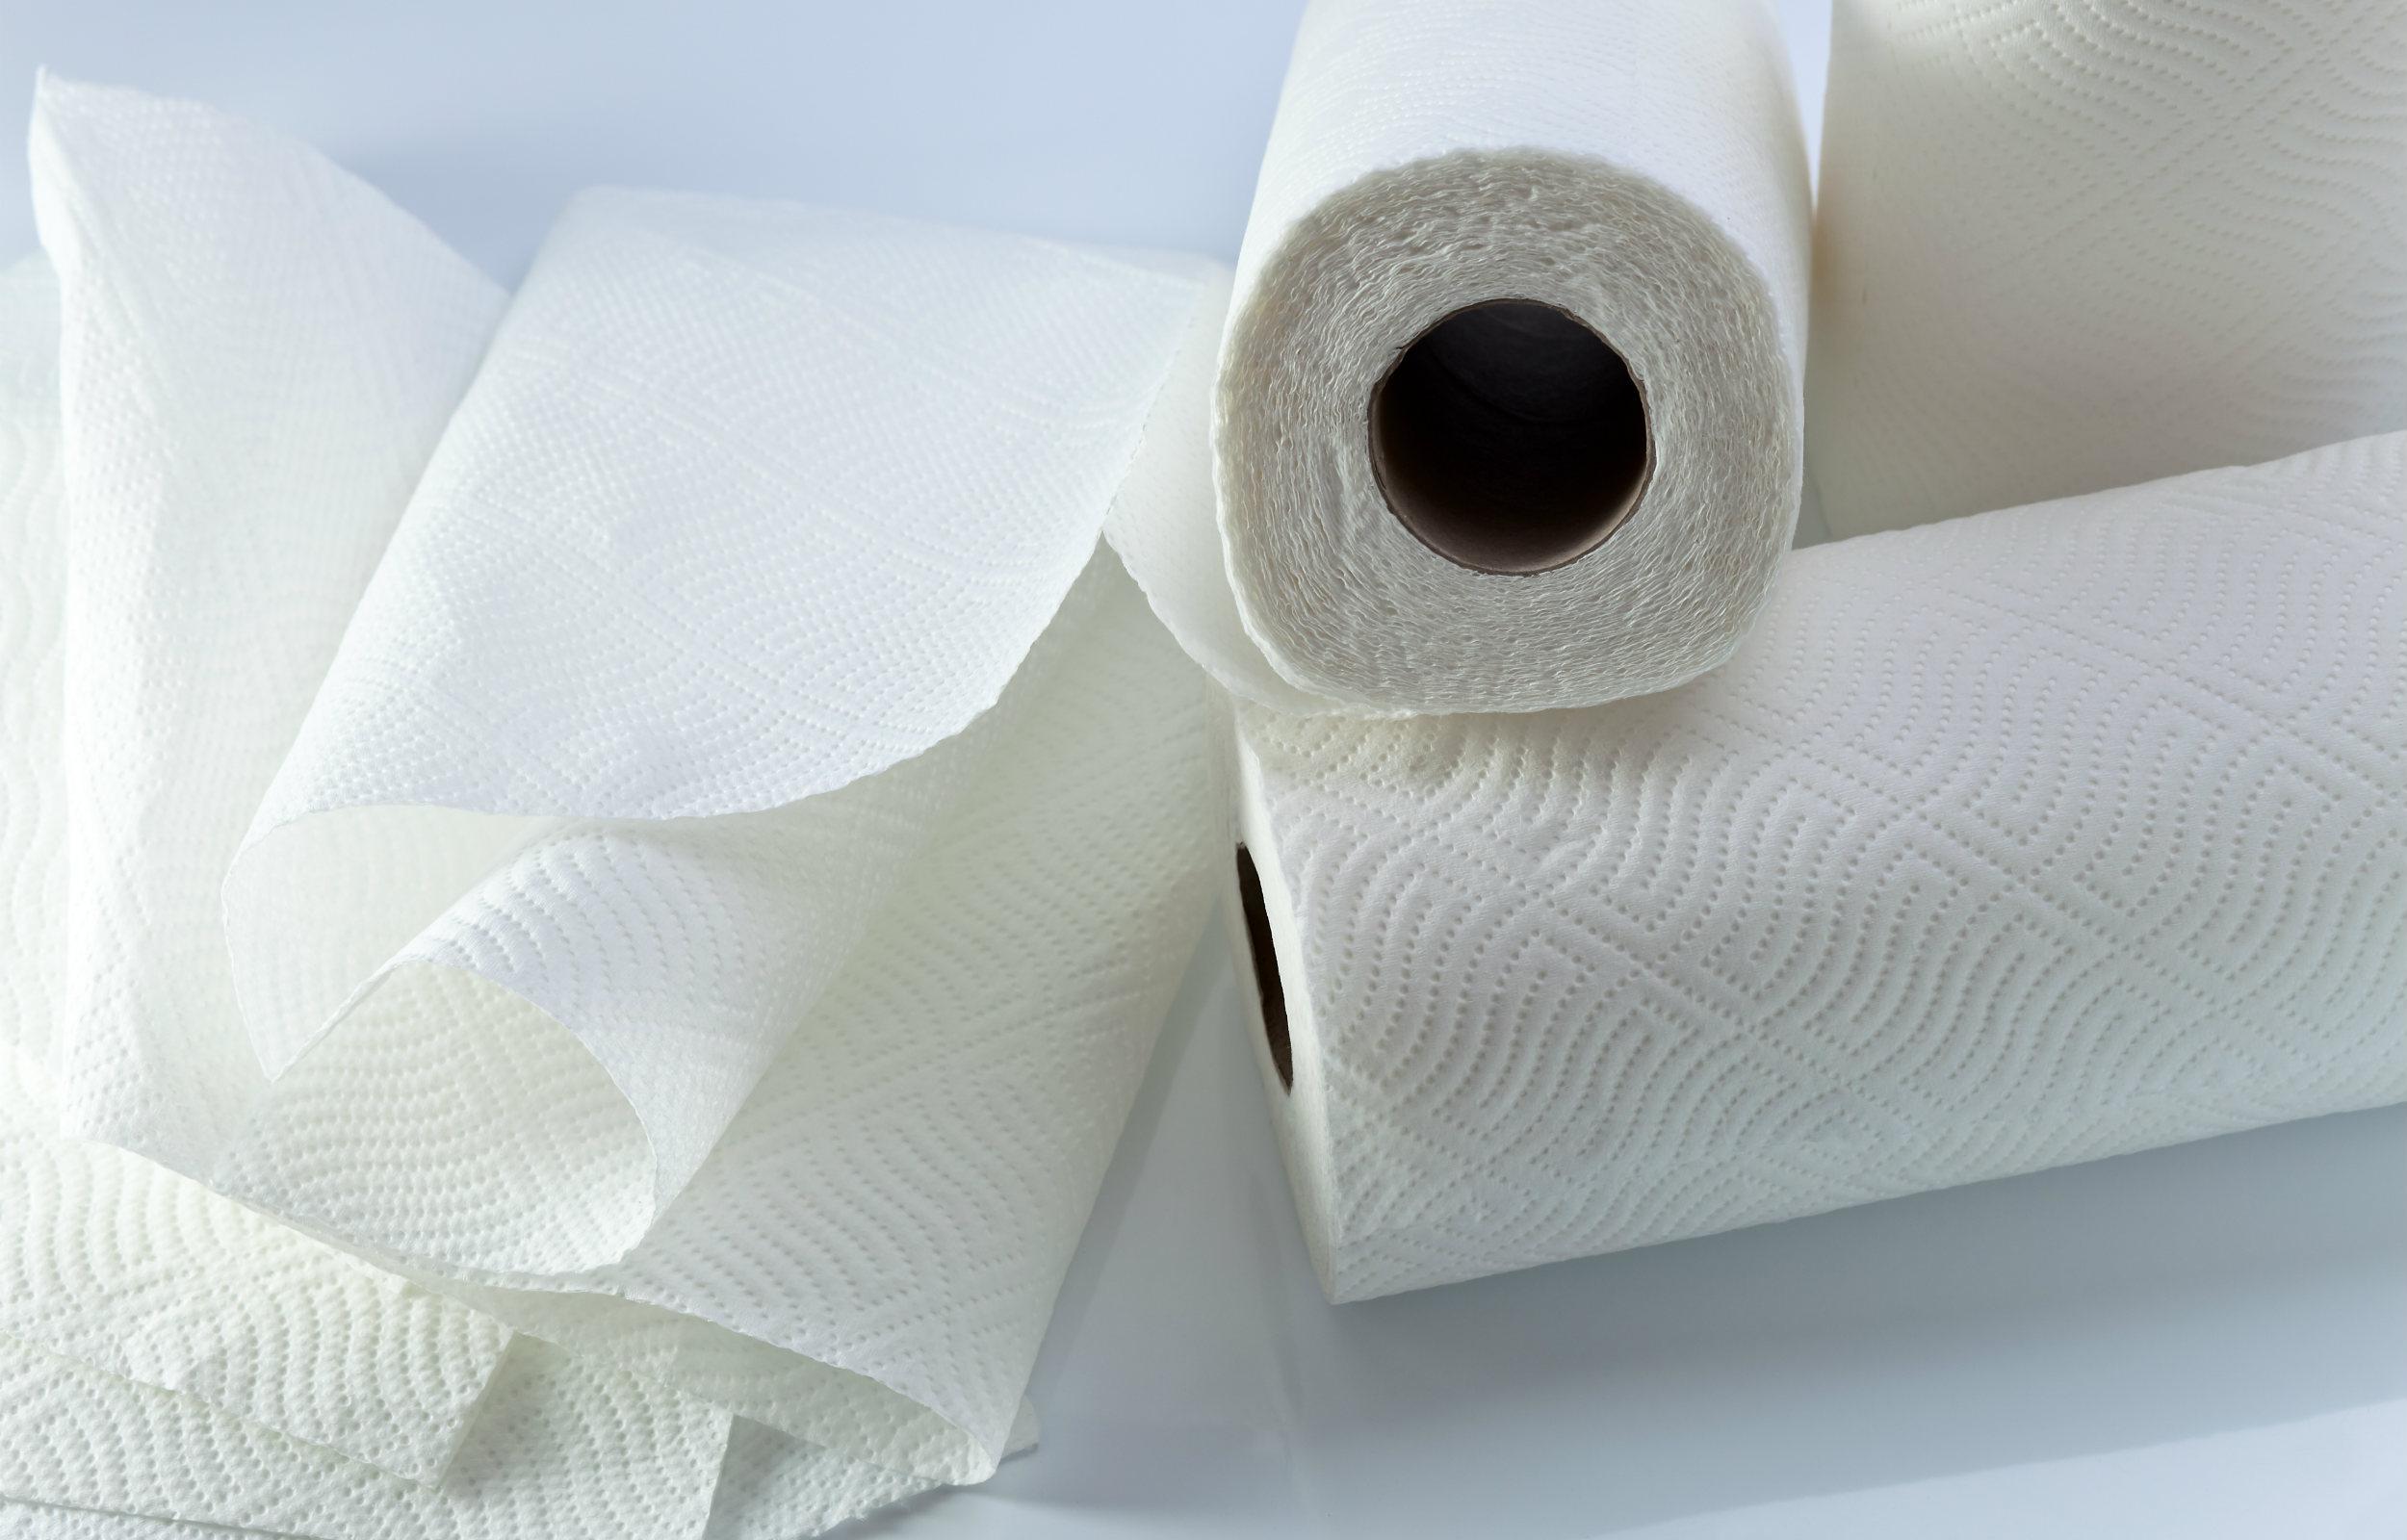 Køkkenrulle eller stofservietter: Hvad er bedst for klimaet?